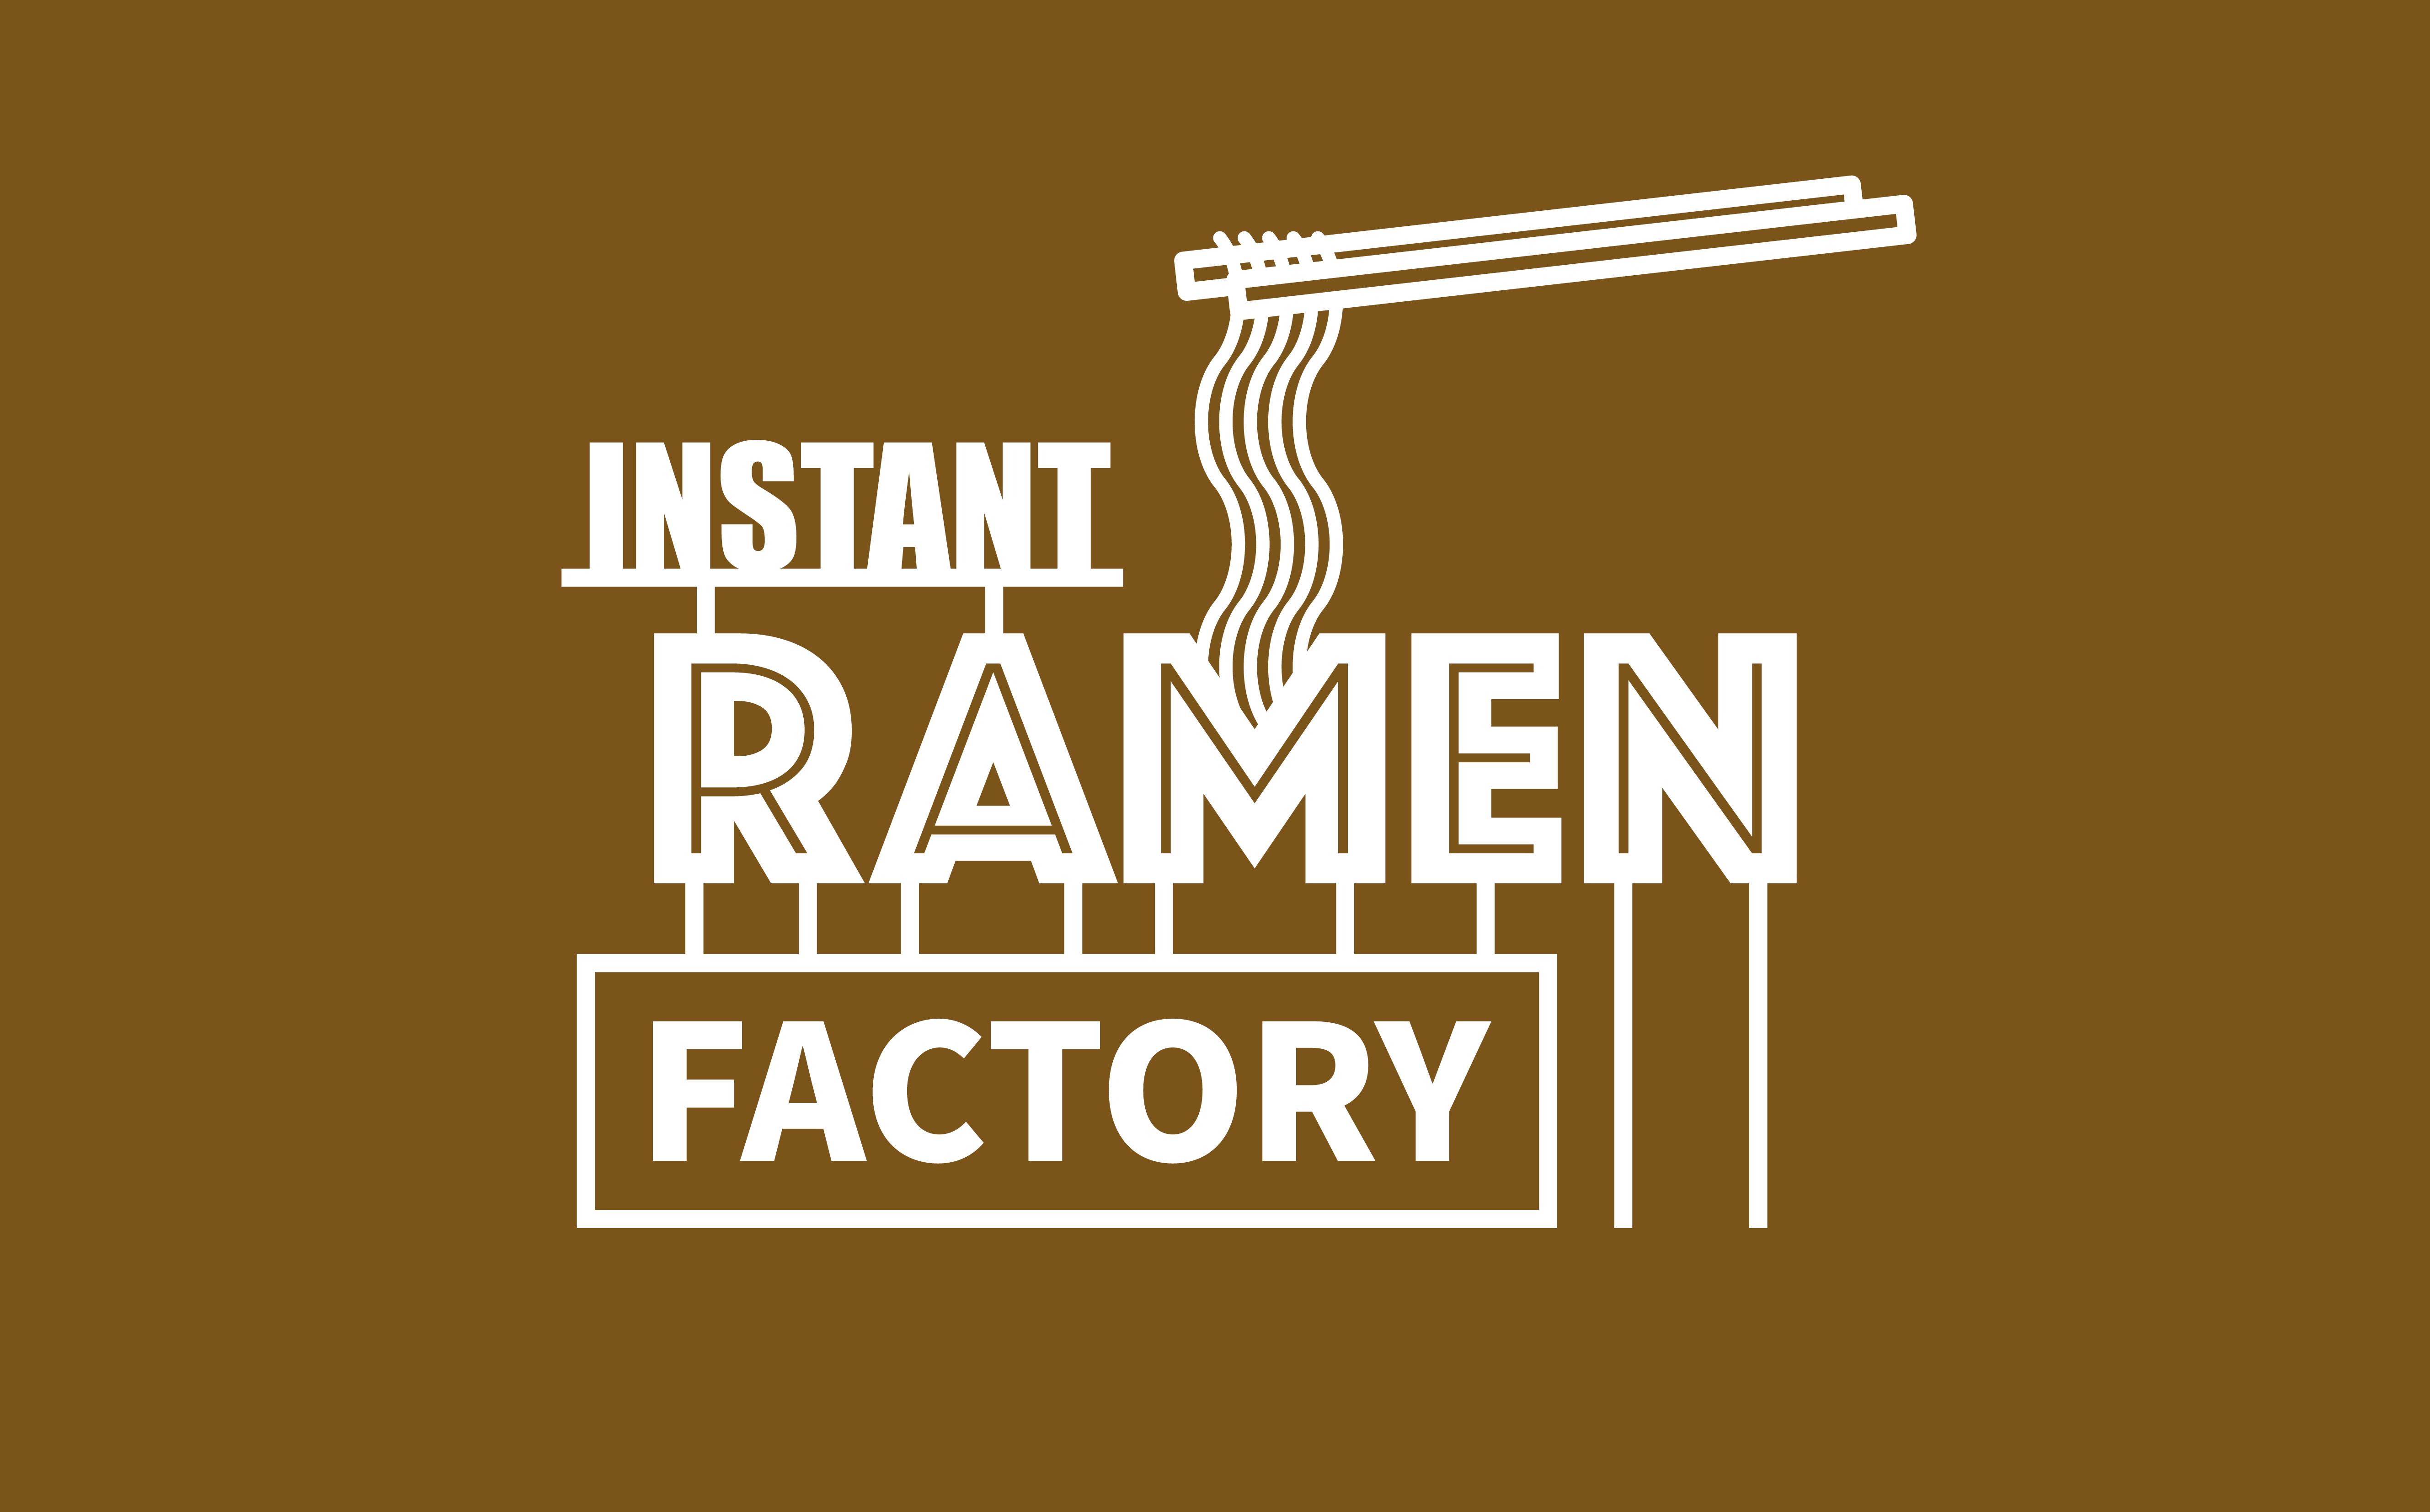 Instant Ramen Factory